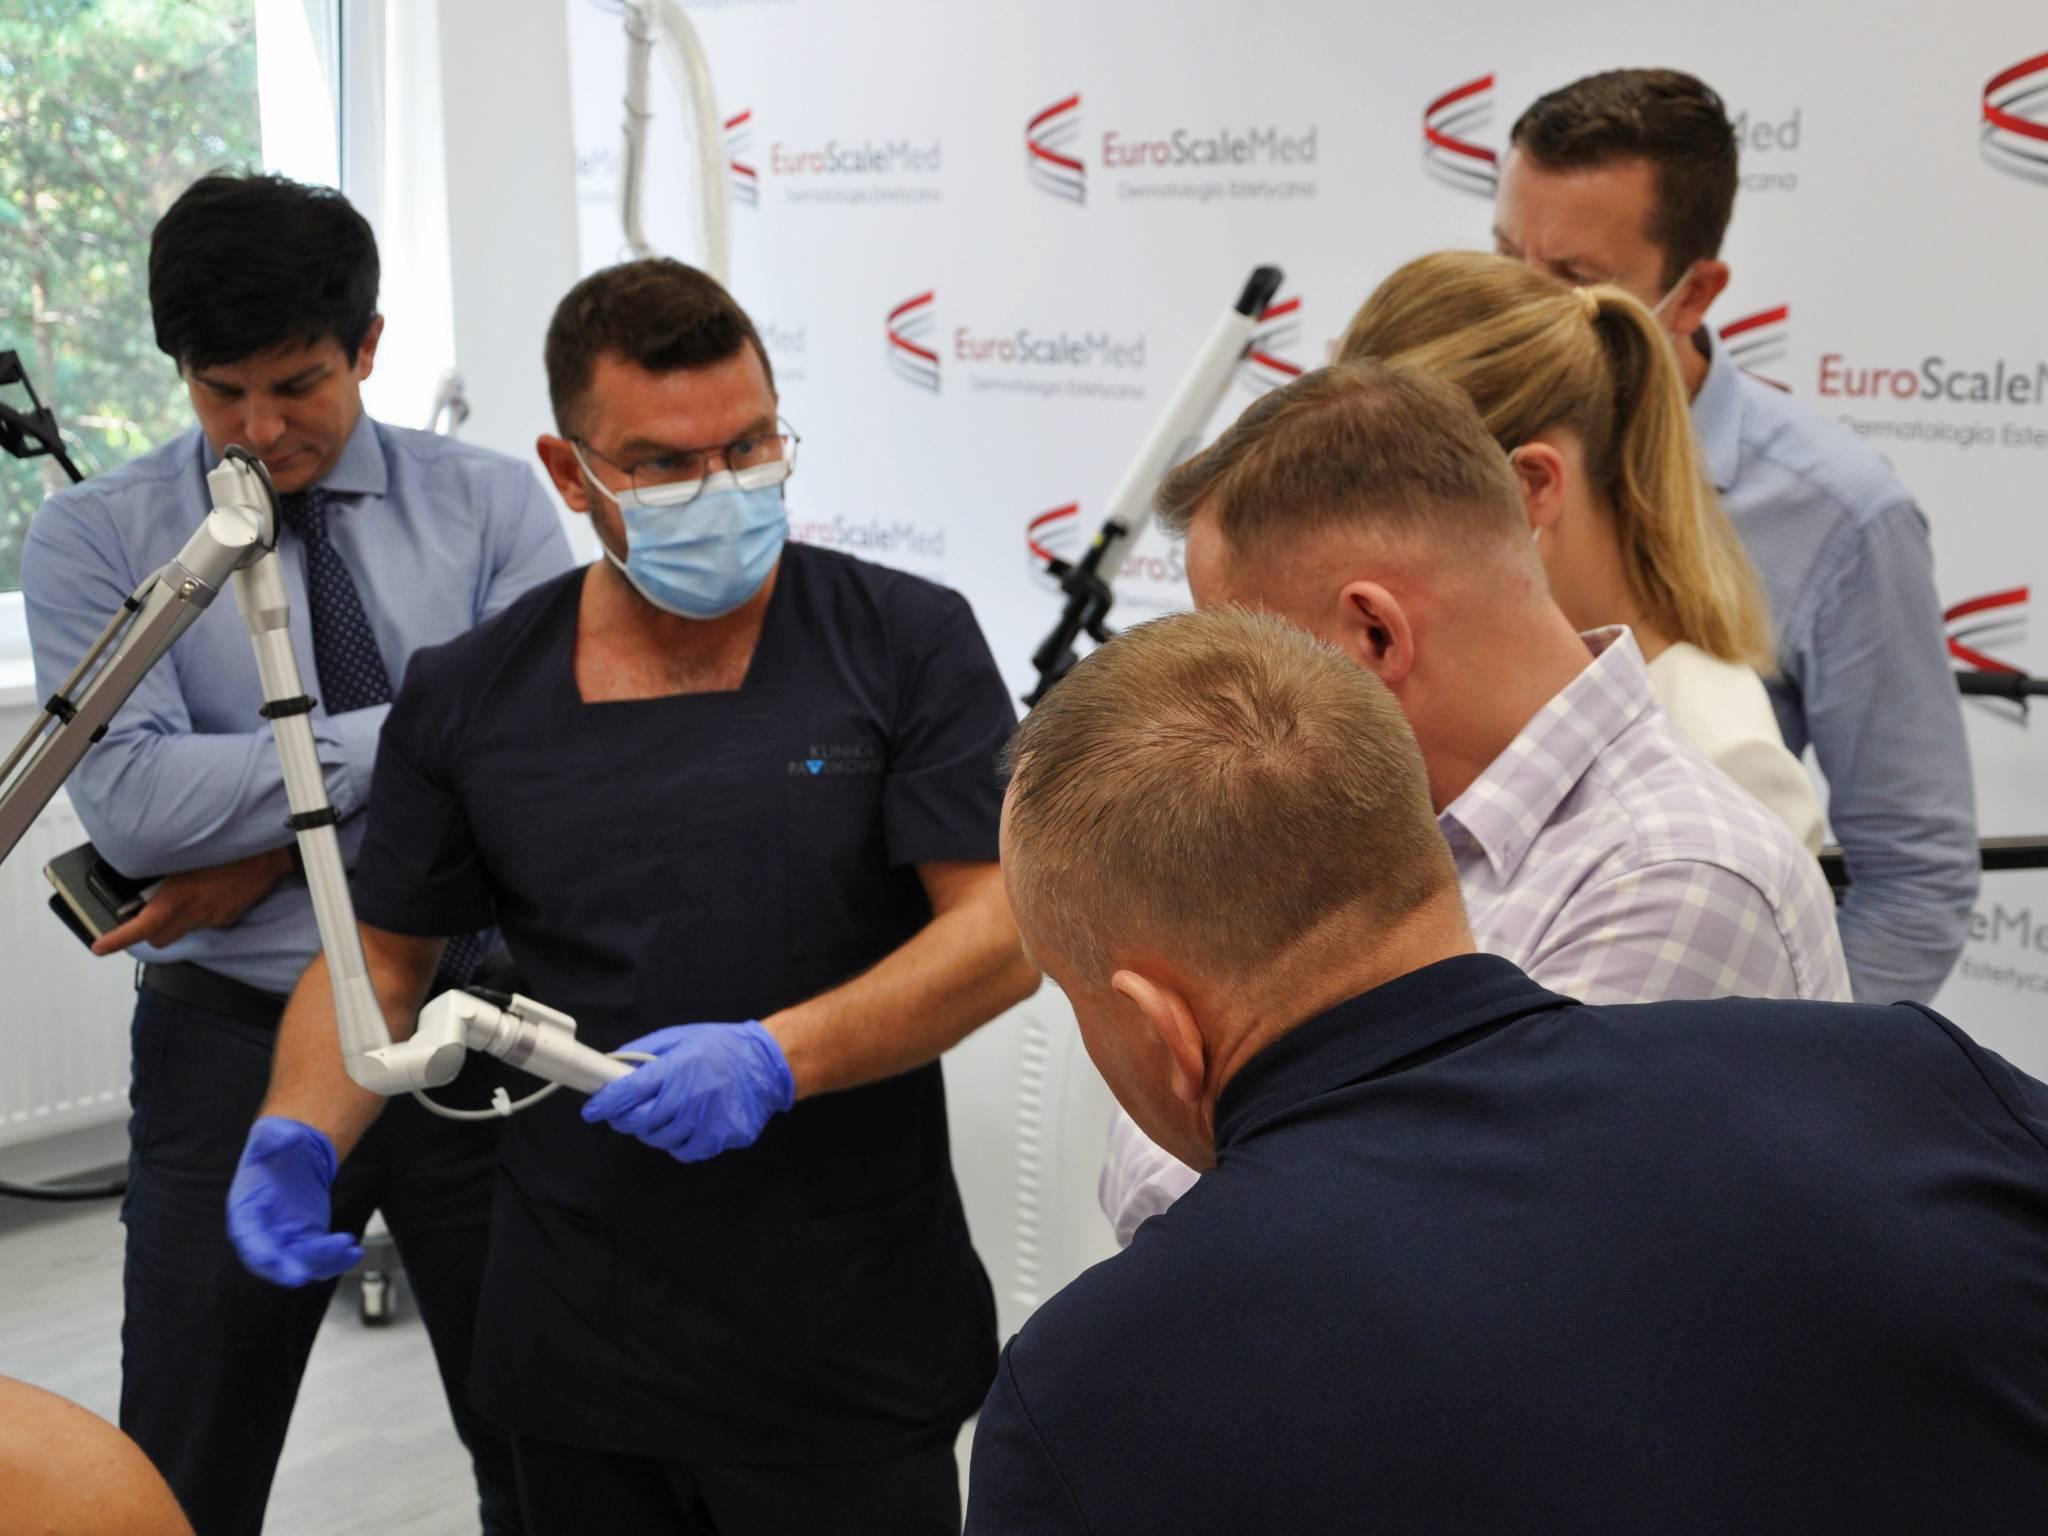 Firma Euroscalemed - polski dystrybutor światowego sprzętu medycznego w zupełnie nowej odsłonie